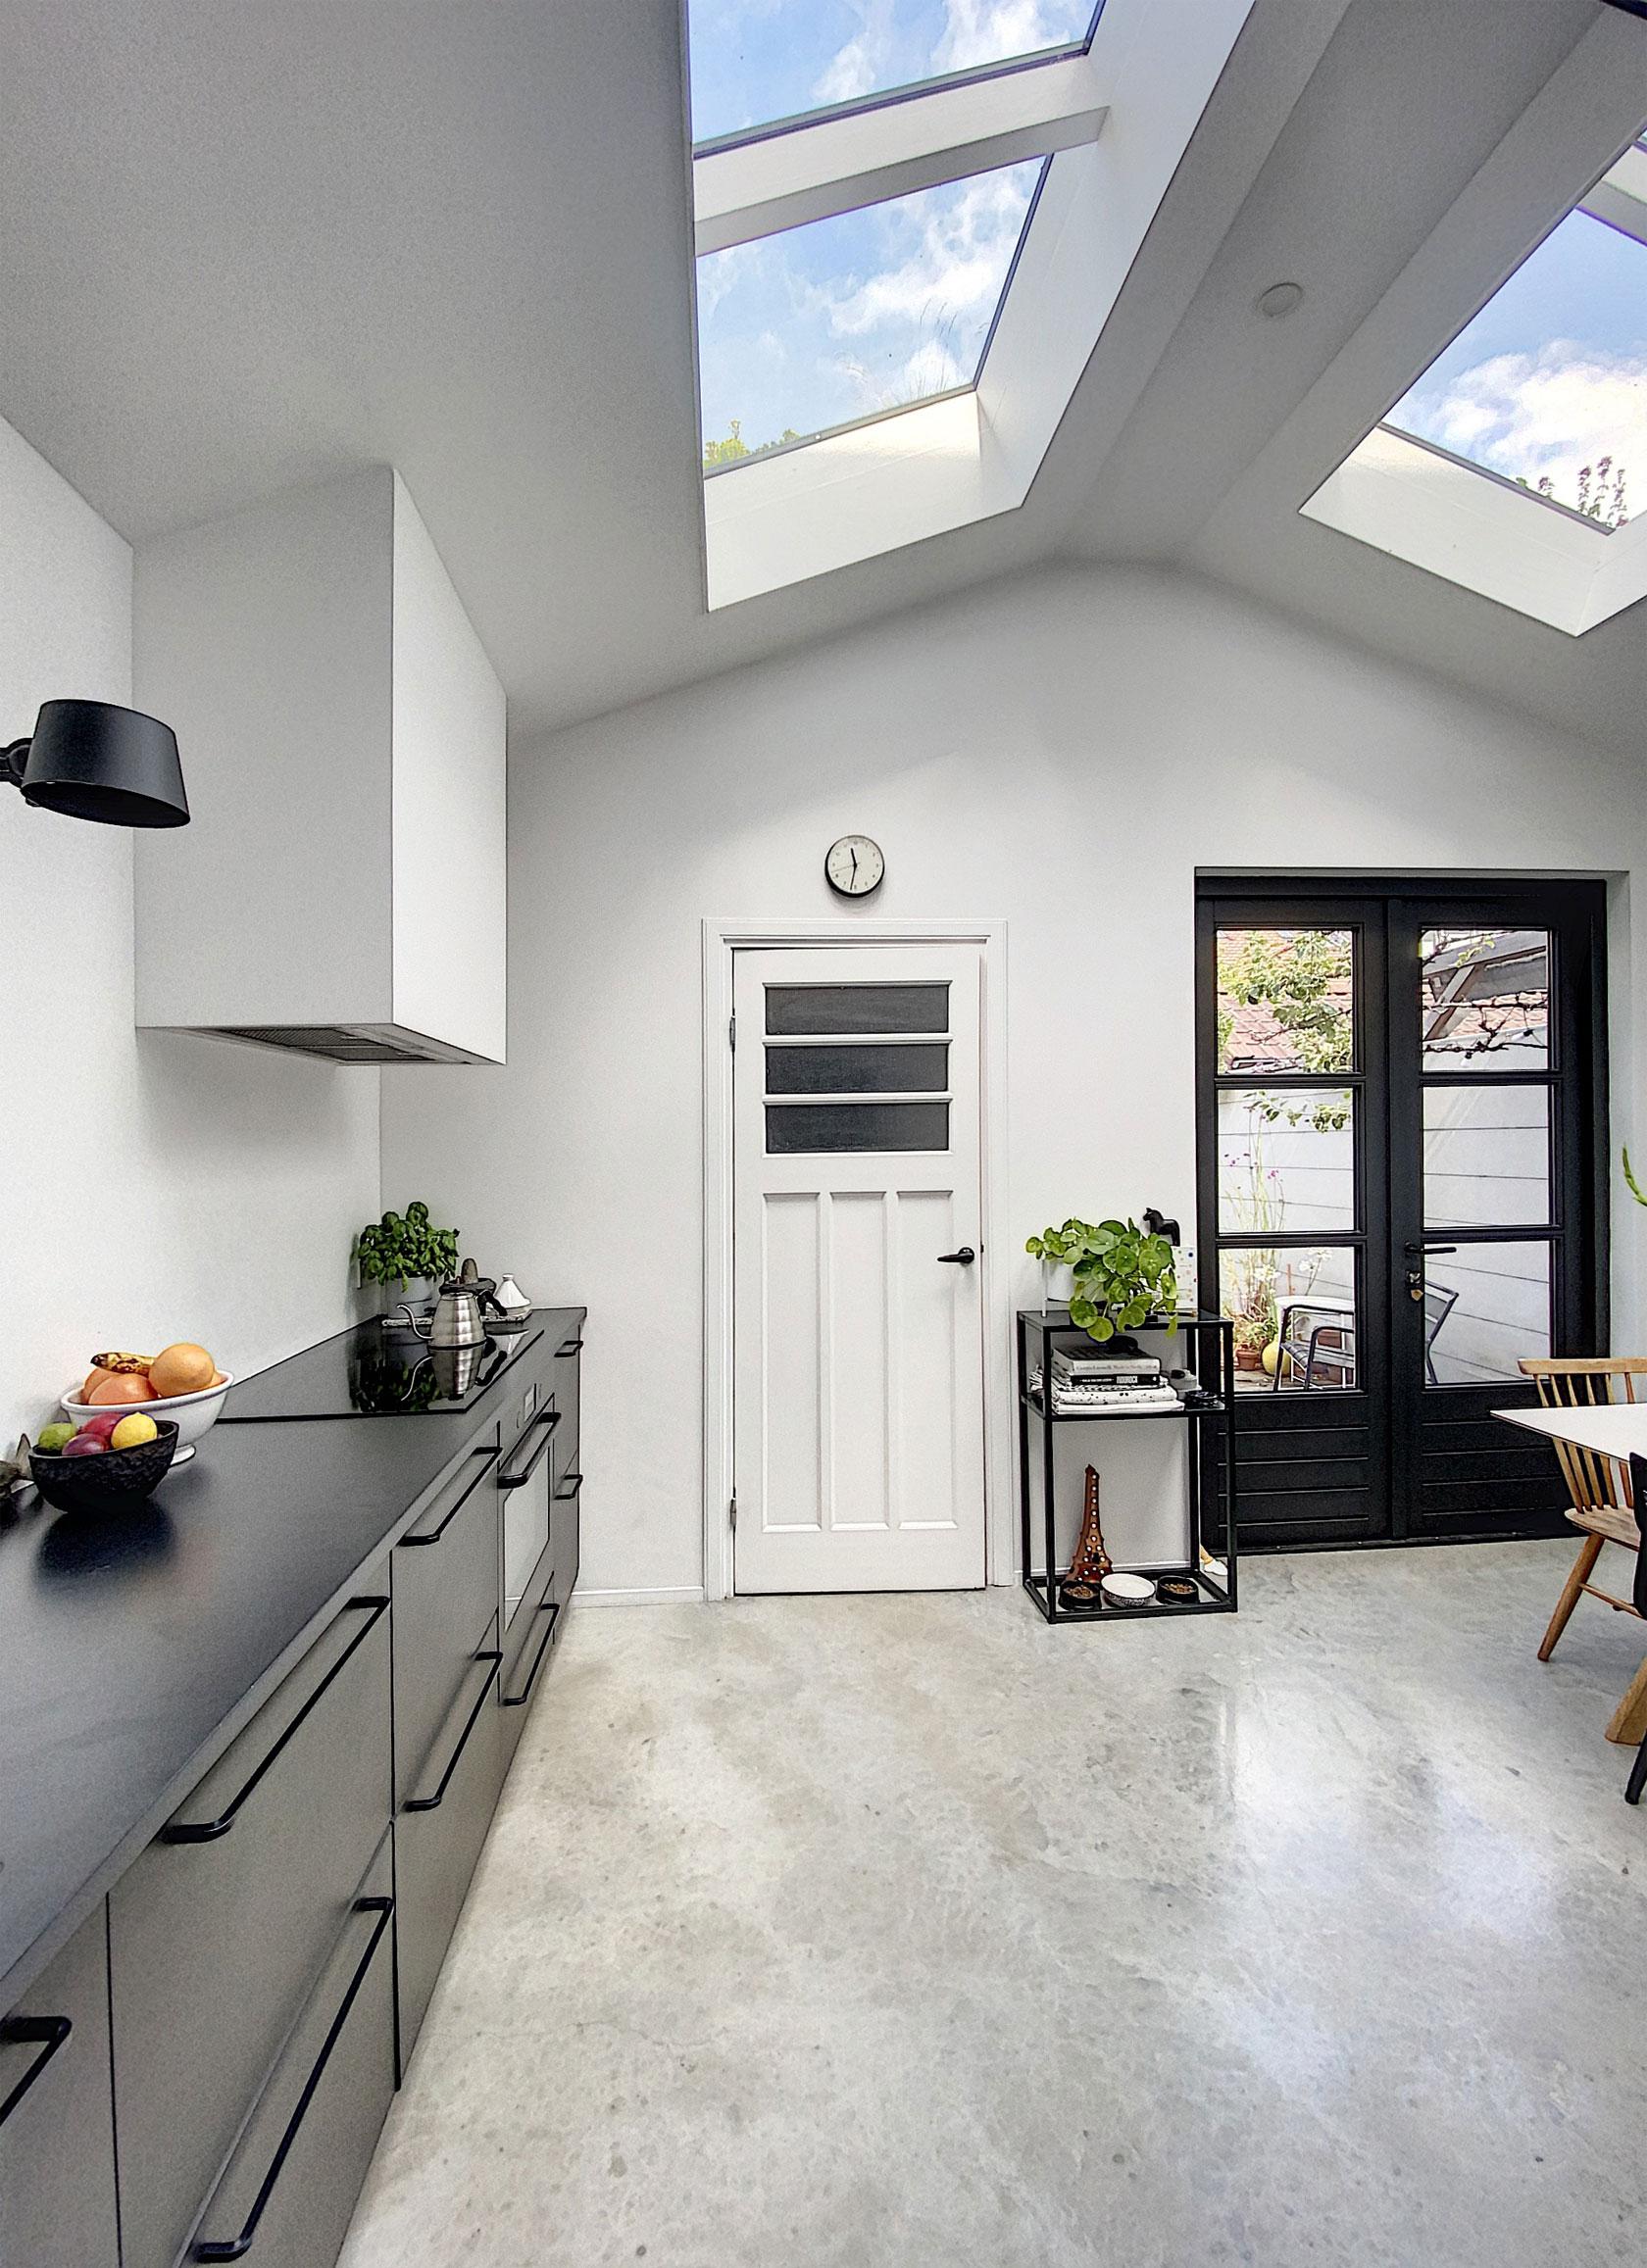 Aanbouw-woonkeuken-daklicht-architect-Breda-12